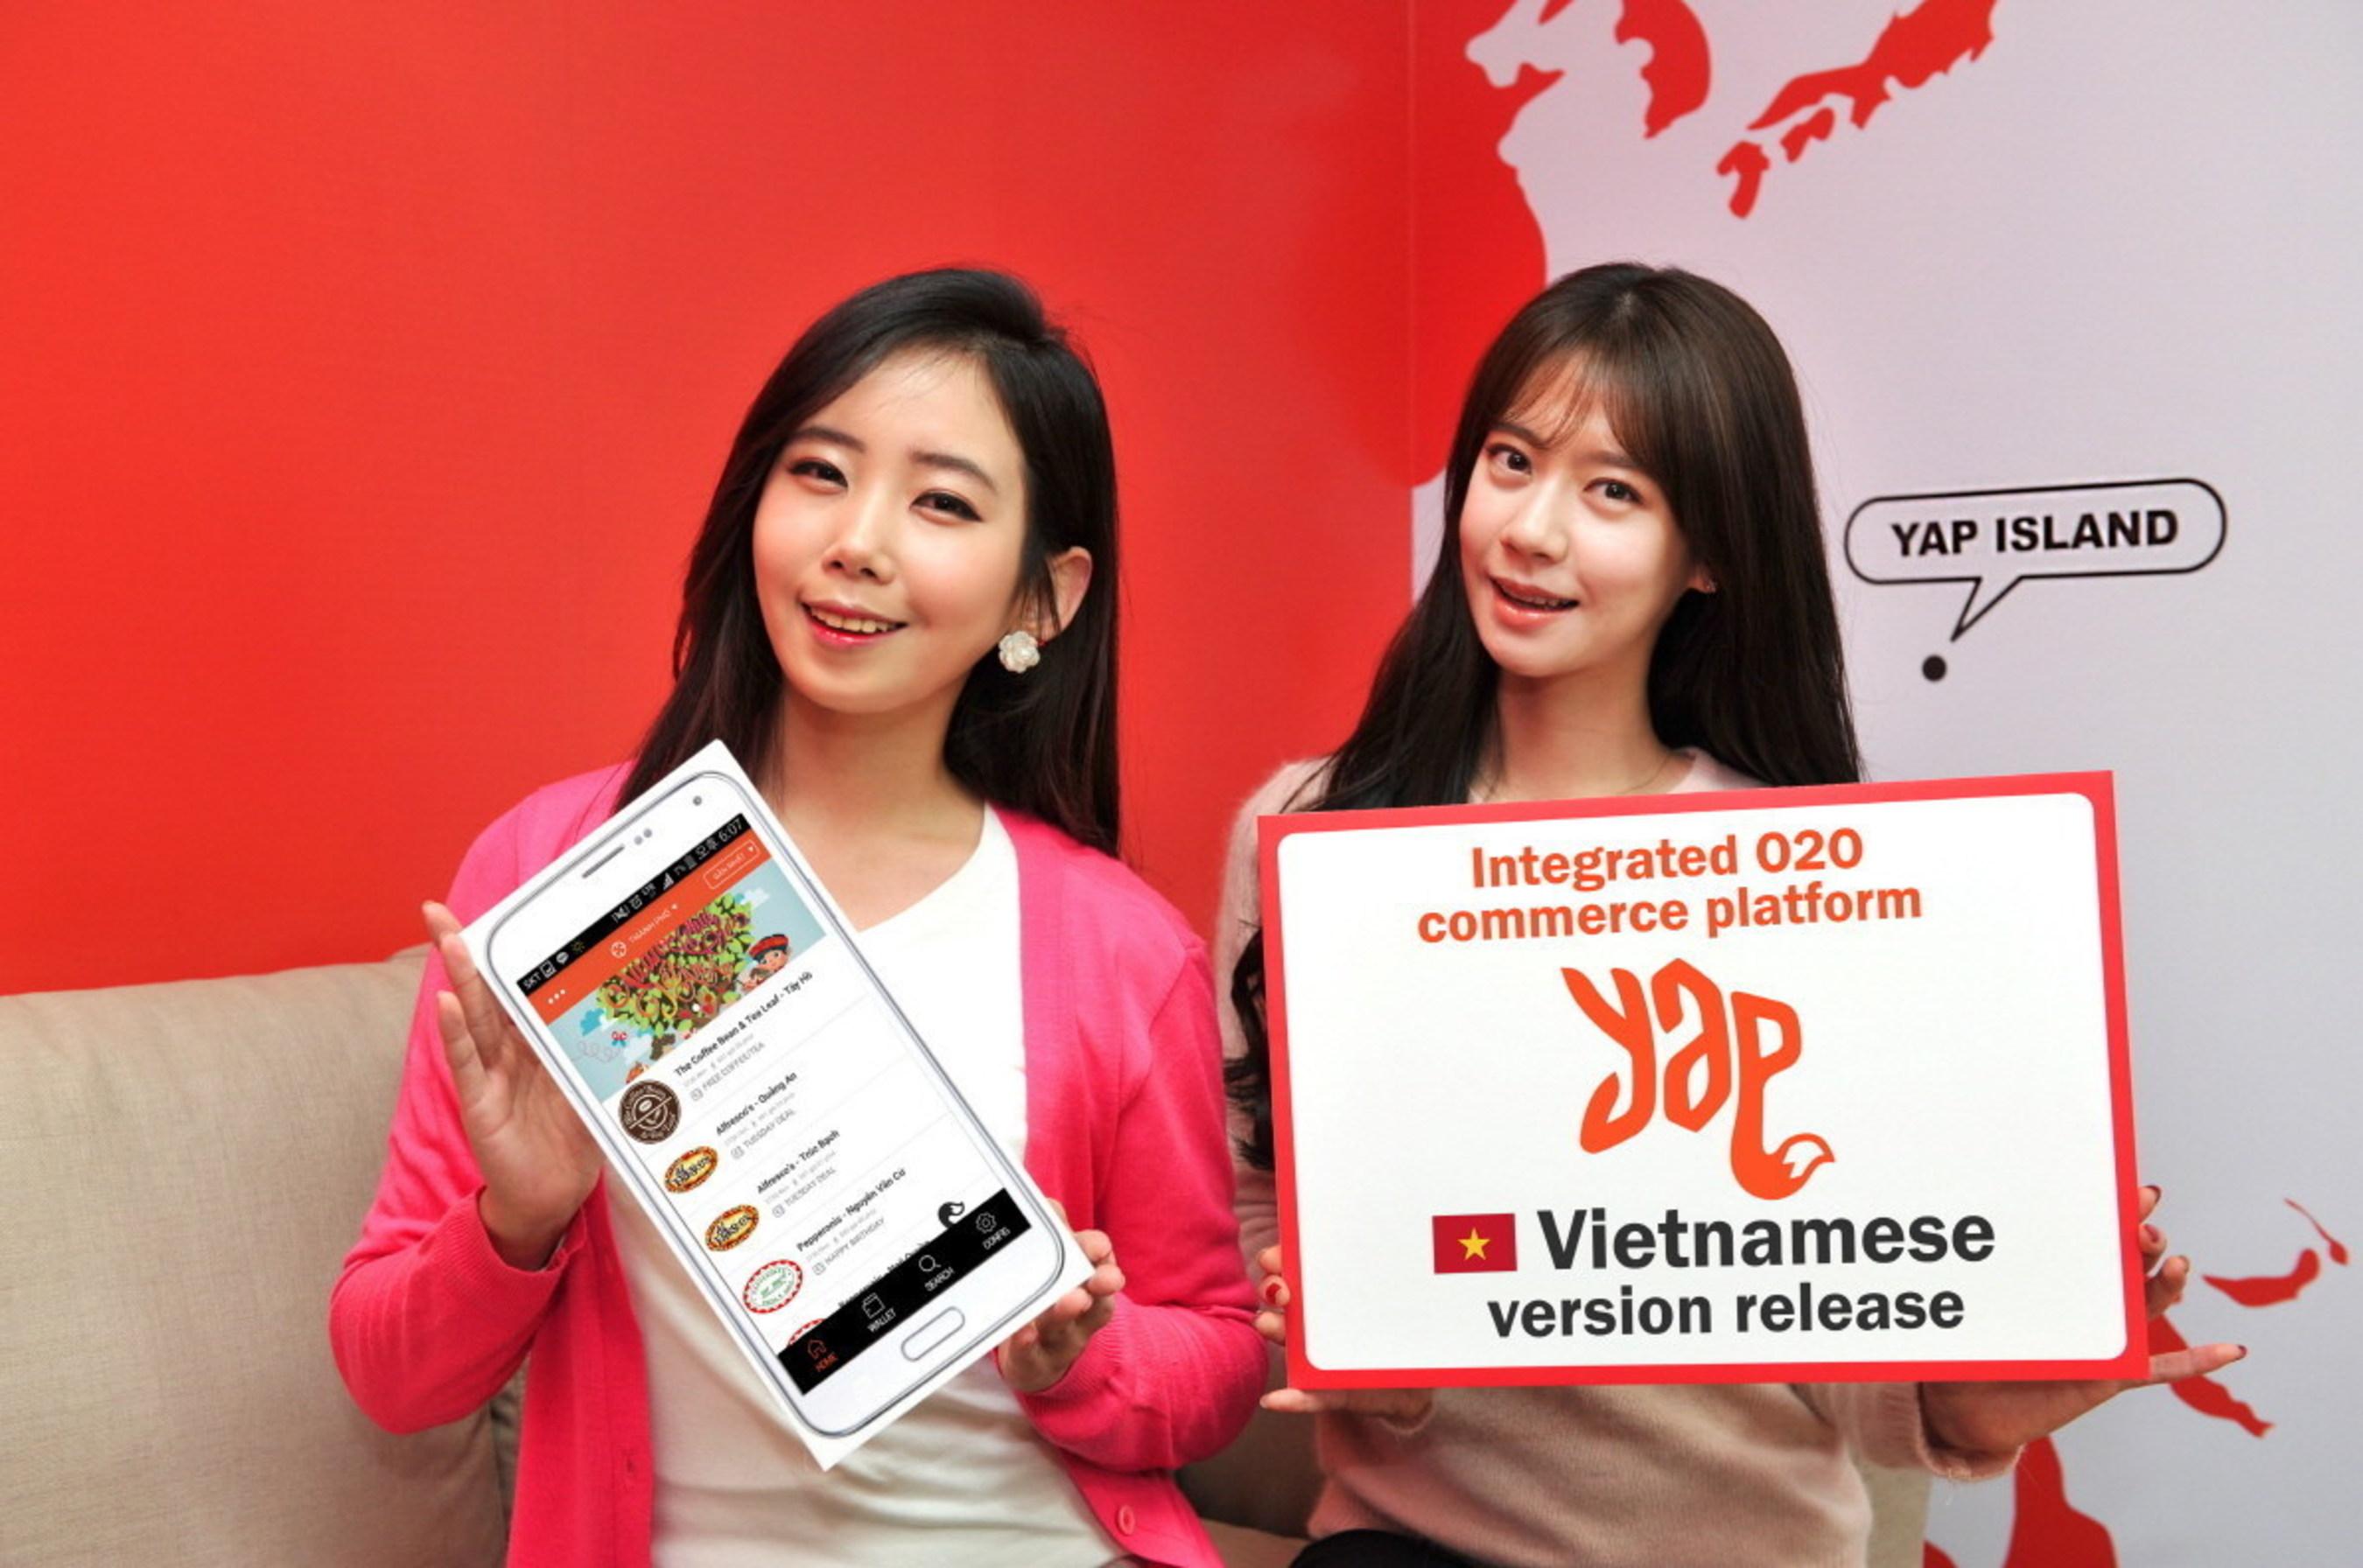 Worldwide Craze for O2O, South Korea's YAP Goes Global with O2O